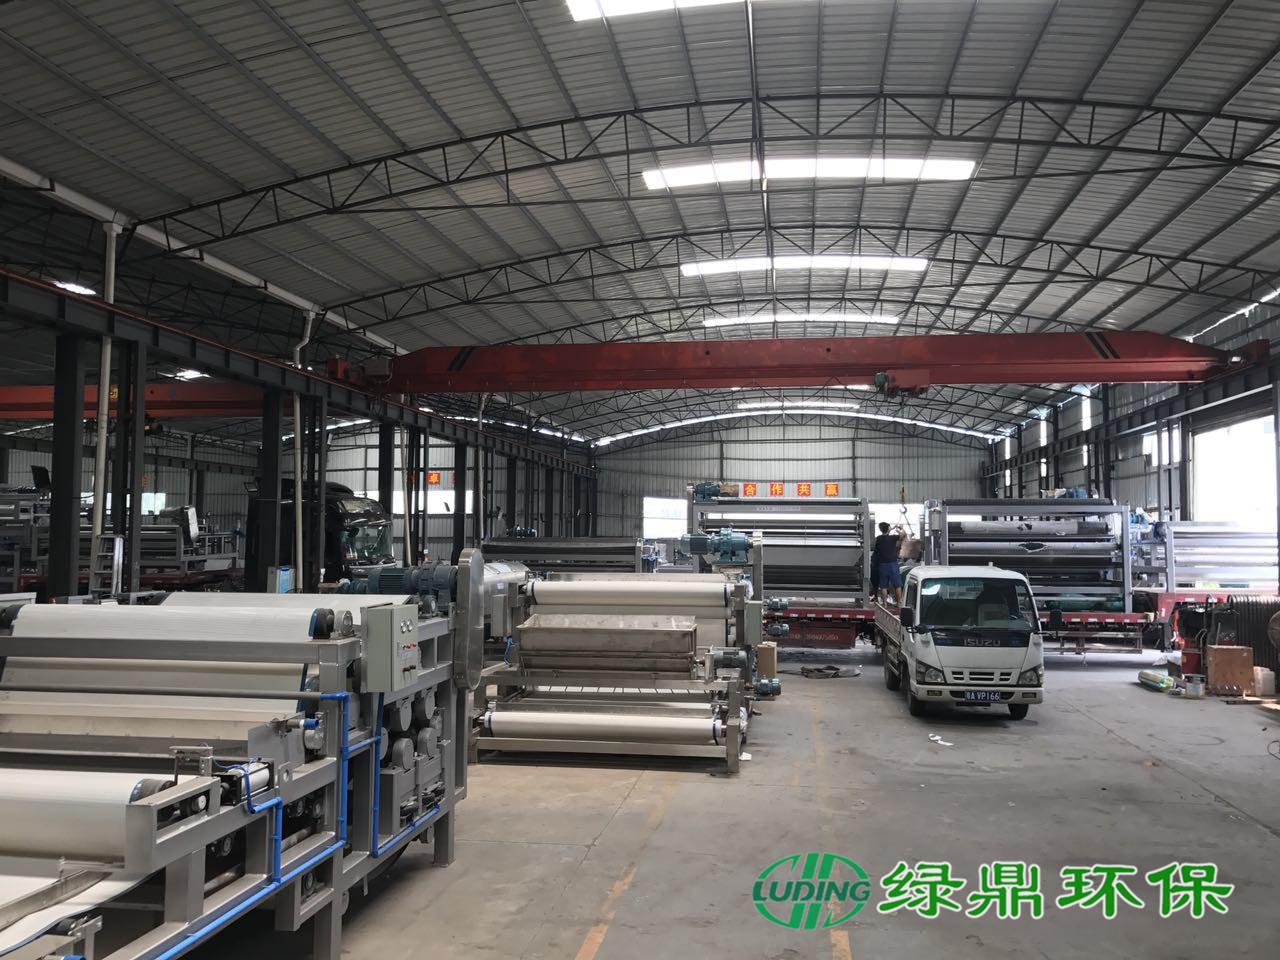 工厂图片 6